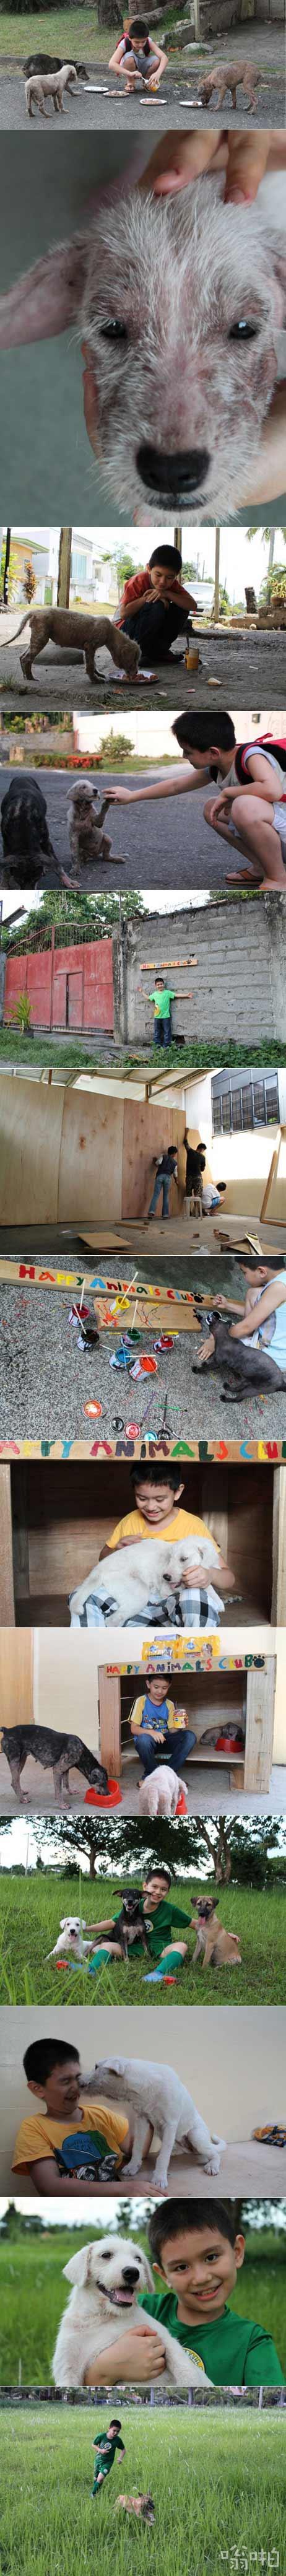 菲律宾9岁男孩用自家废弃车库帮助流浪狗照片引关注 大量网友自发捐助